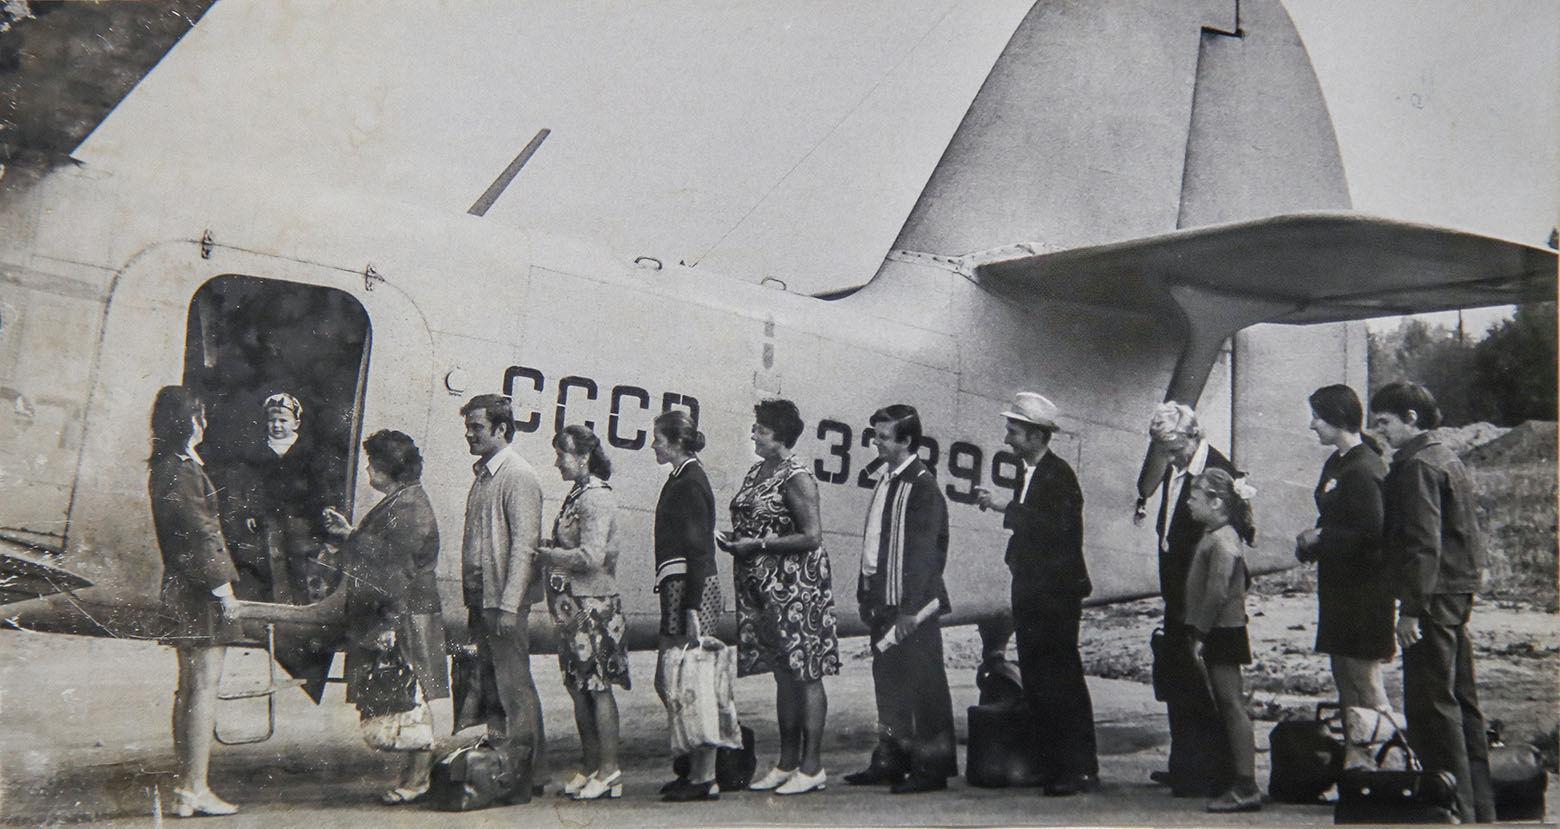 Посадка пассажиров в самолет Ан-2